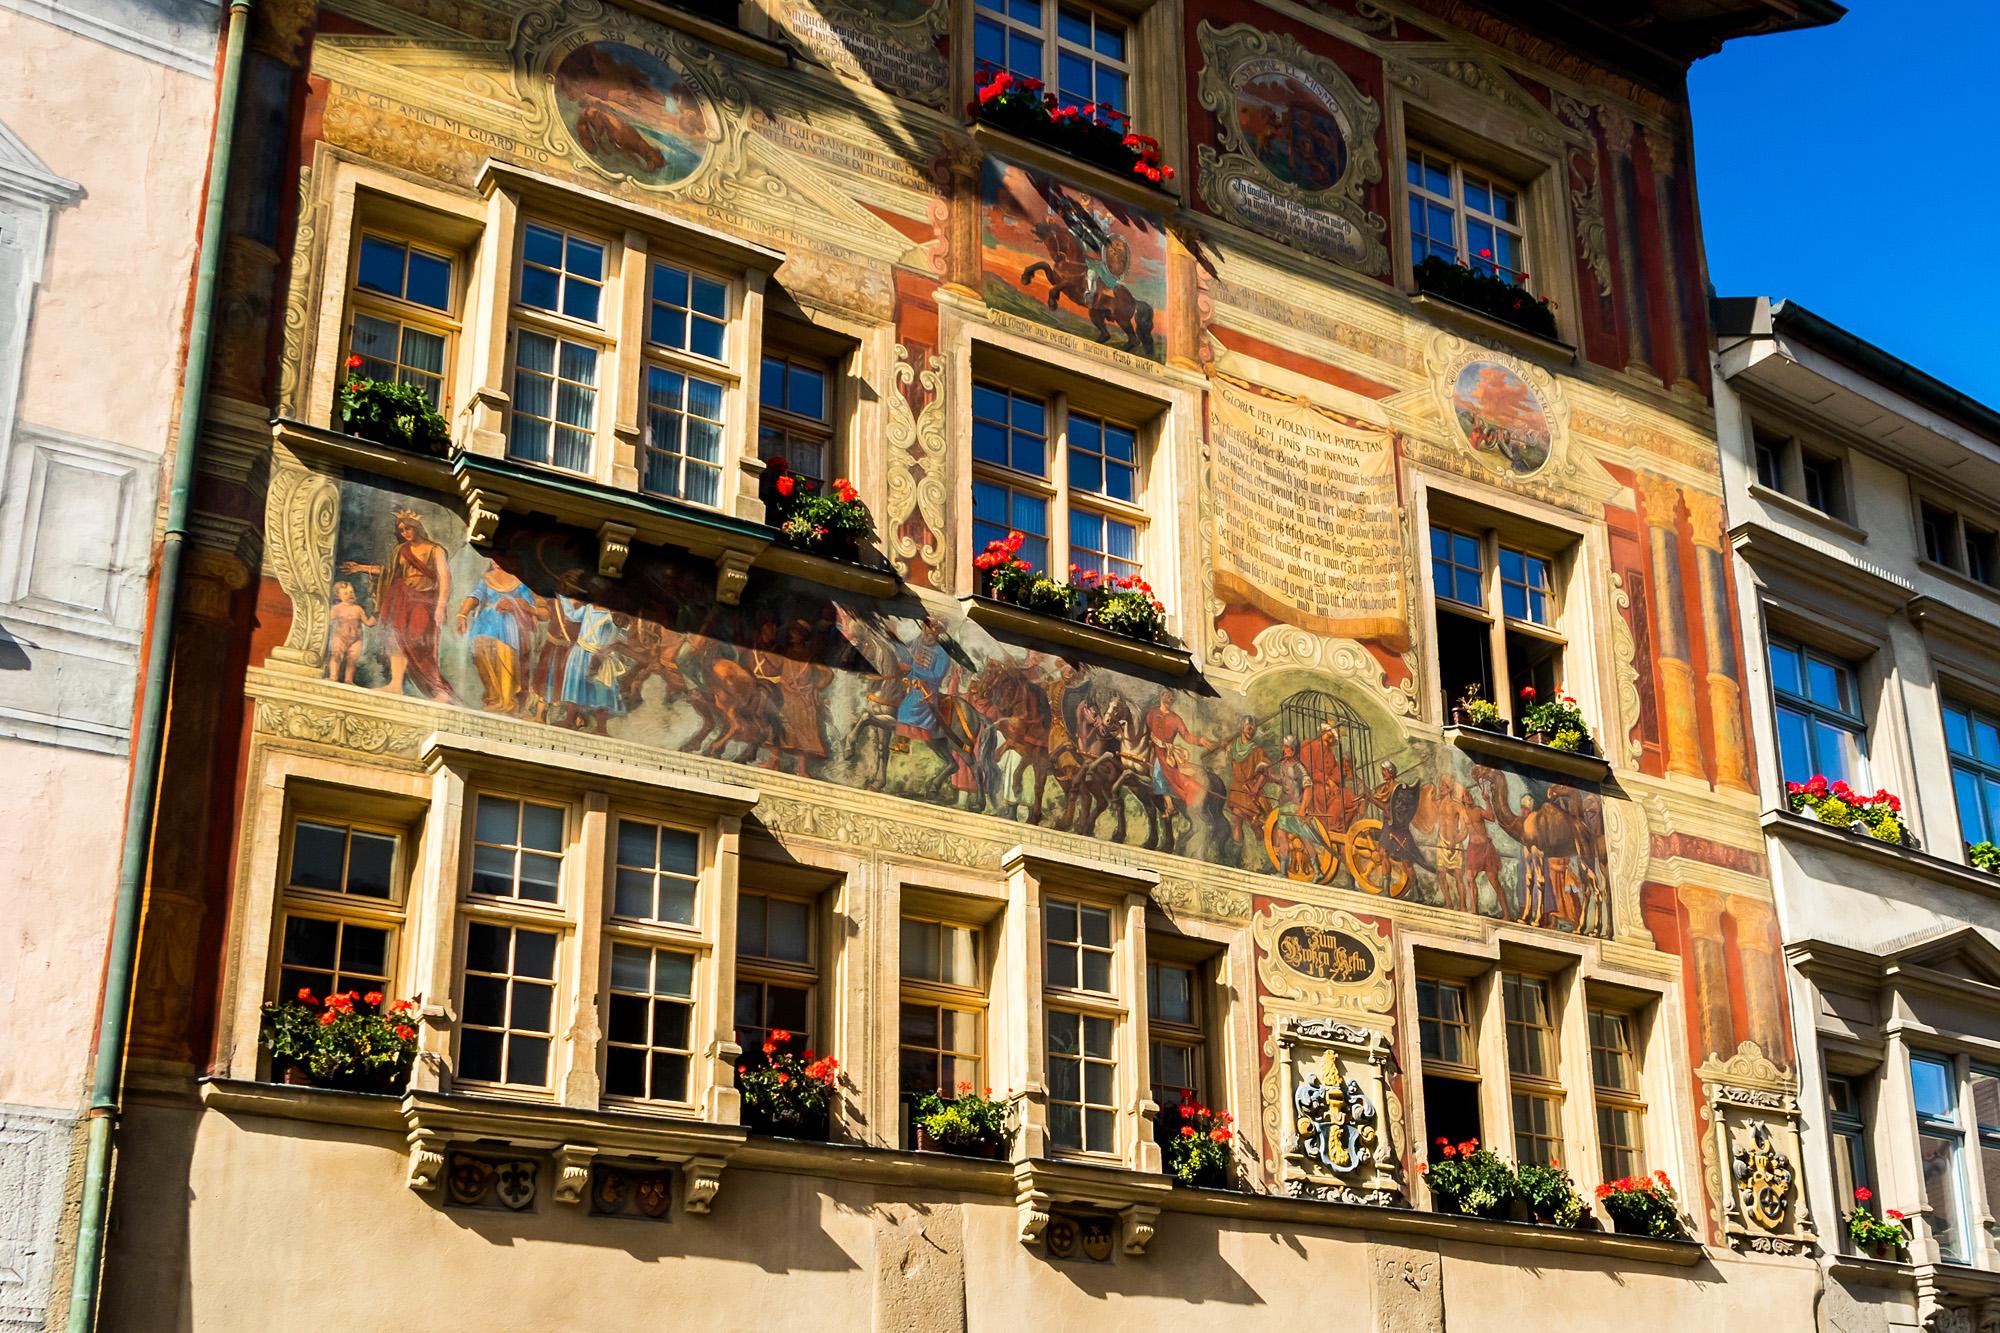 Das Haus zum grossen Käfig, 1371 am Ort des ehemaligen Gefängnisses erbaut. Auch seine Fassade erzählt eine ganze Geschichte!